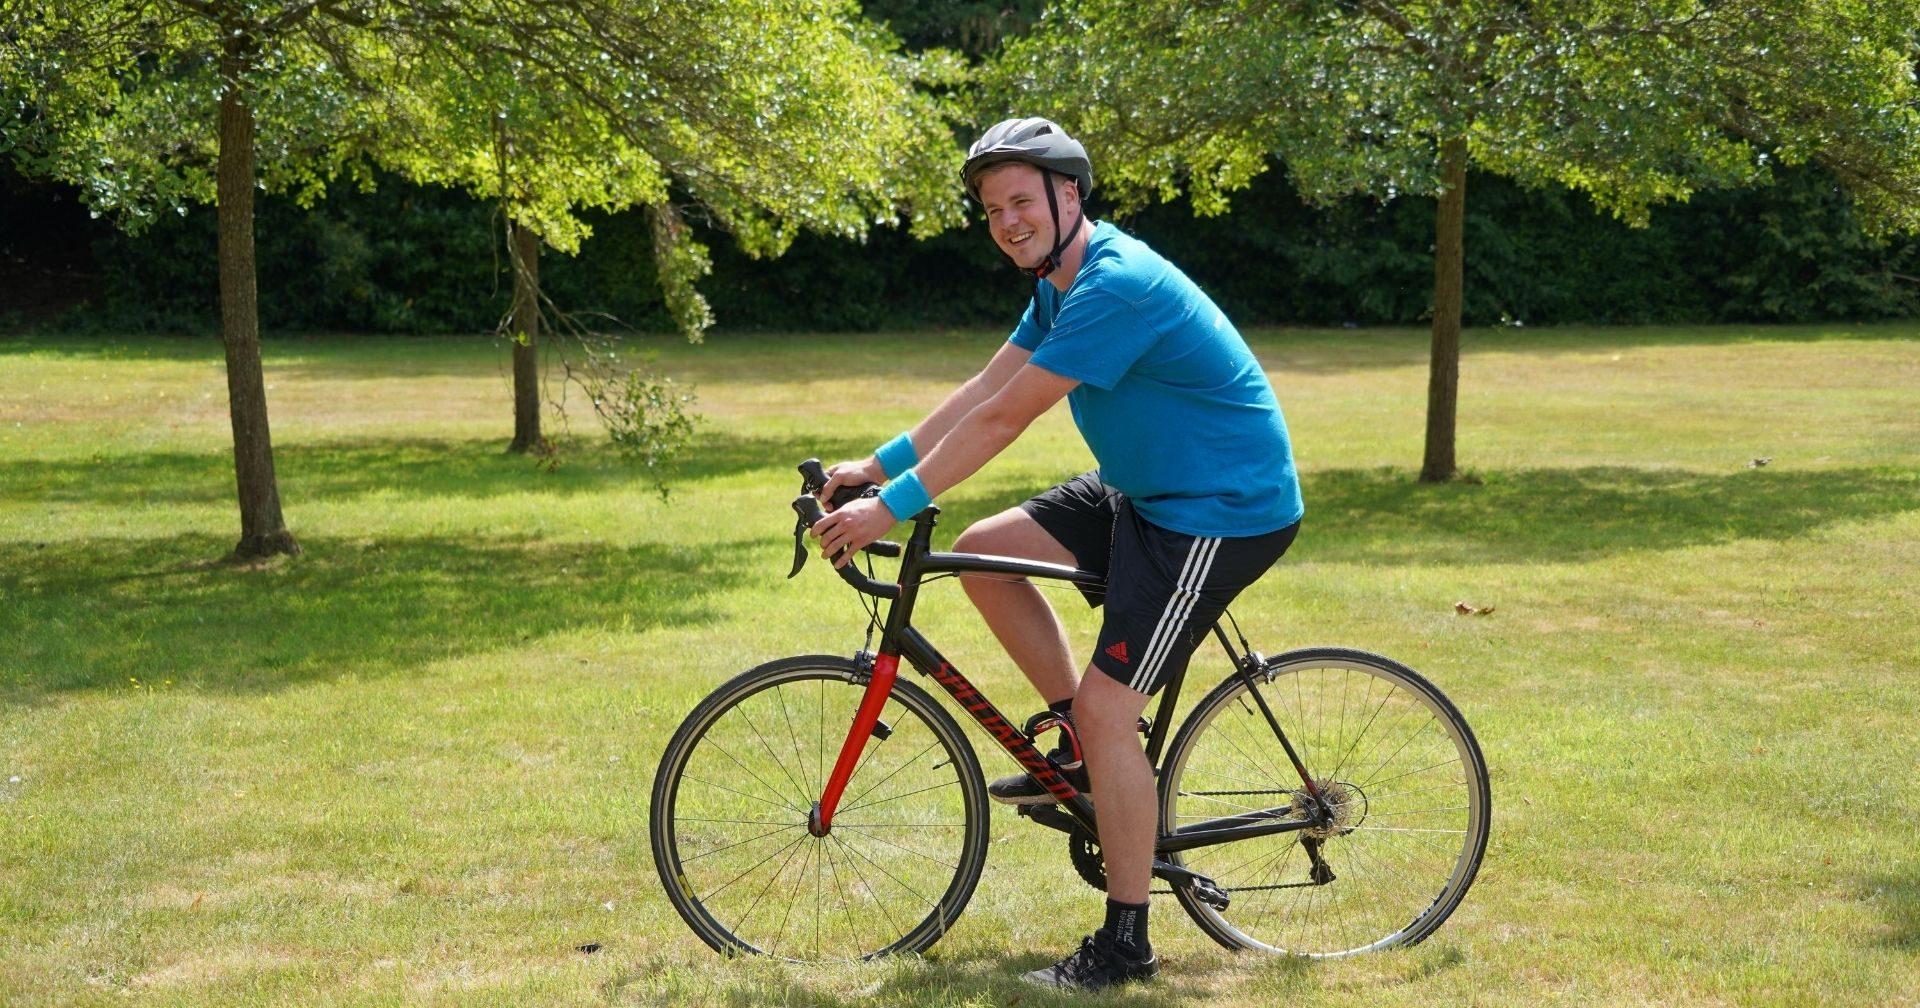 Gearing up for Tour de Devon